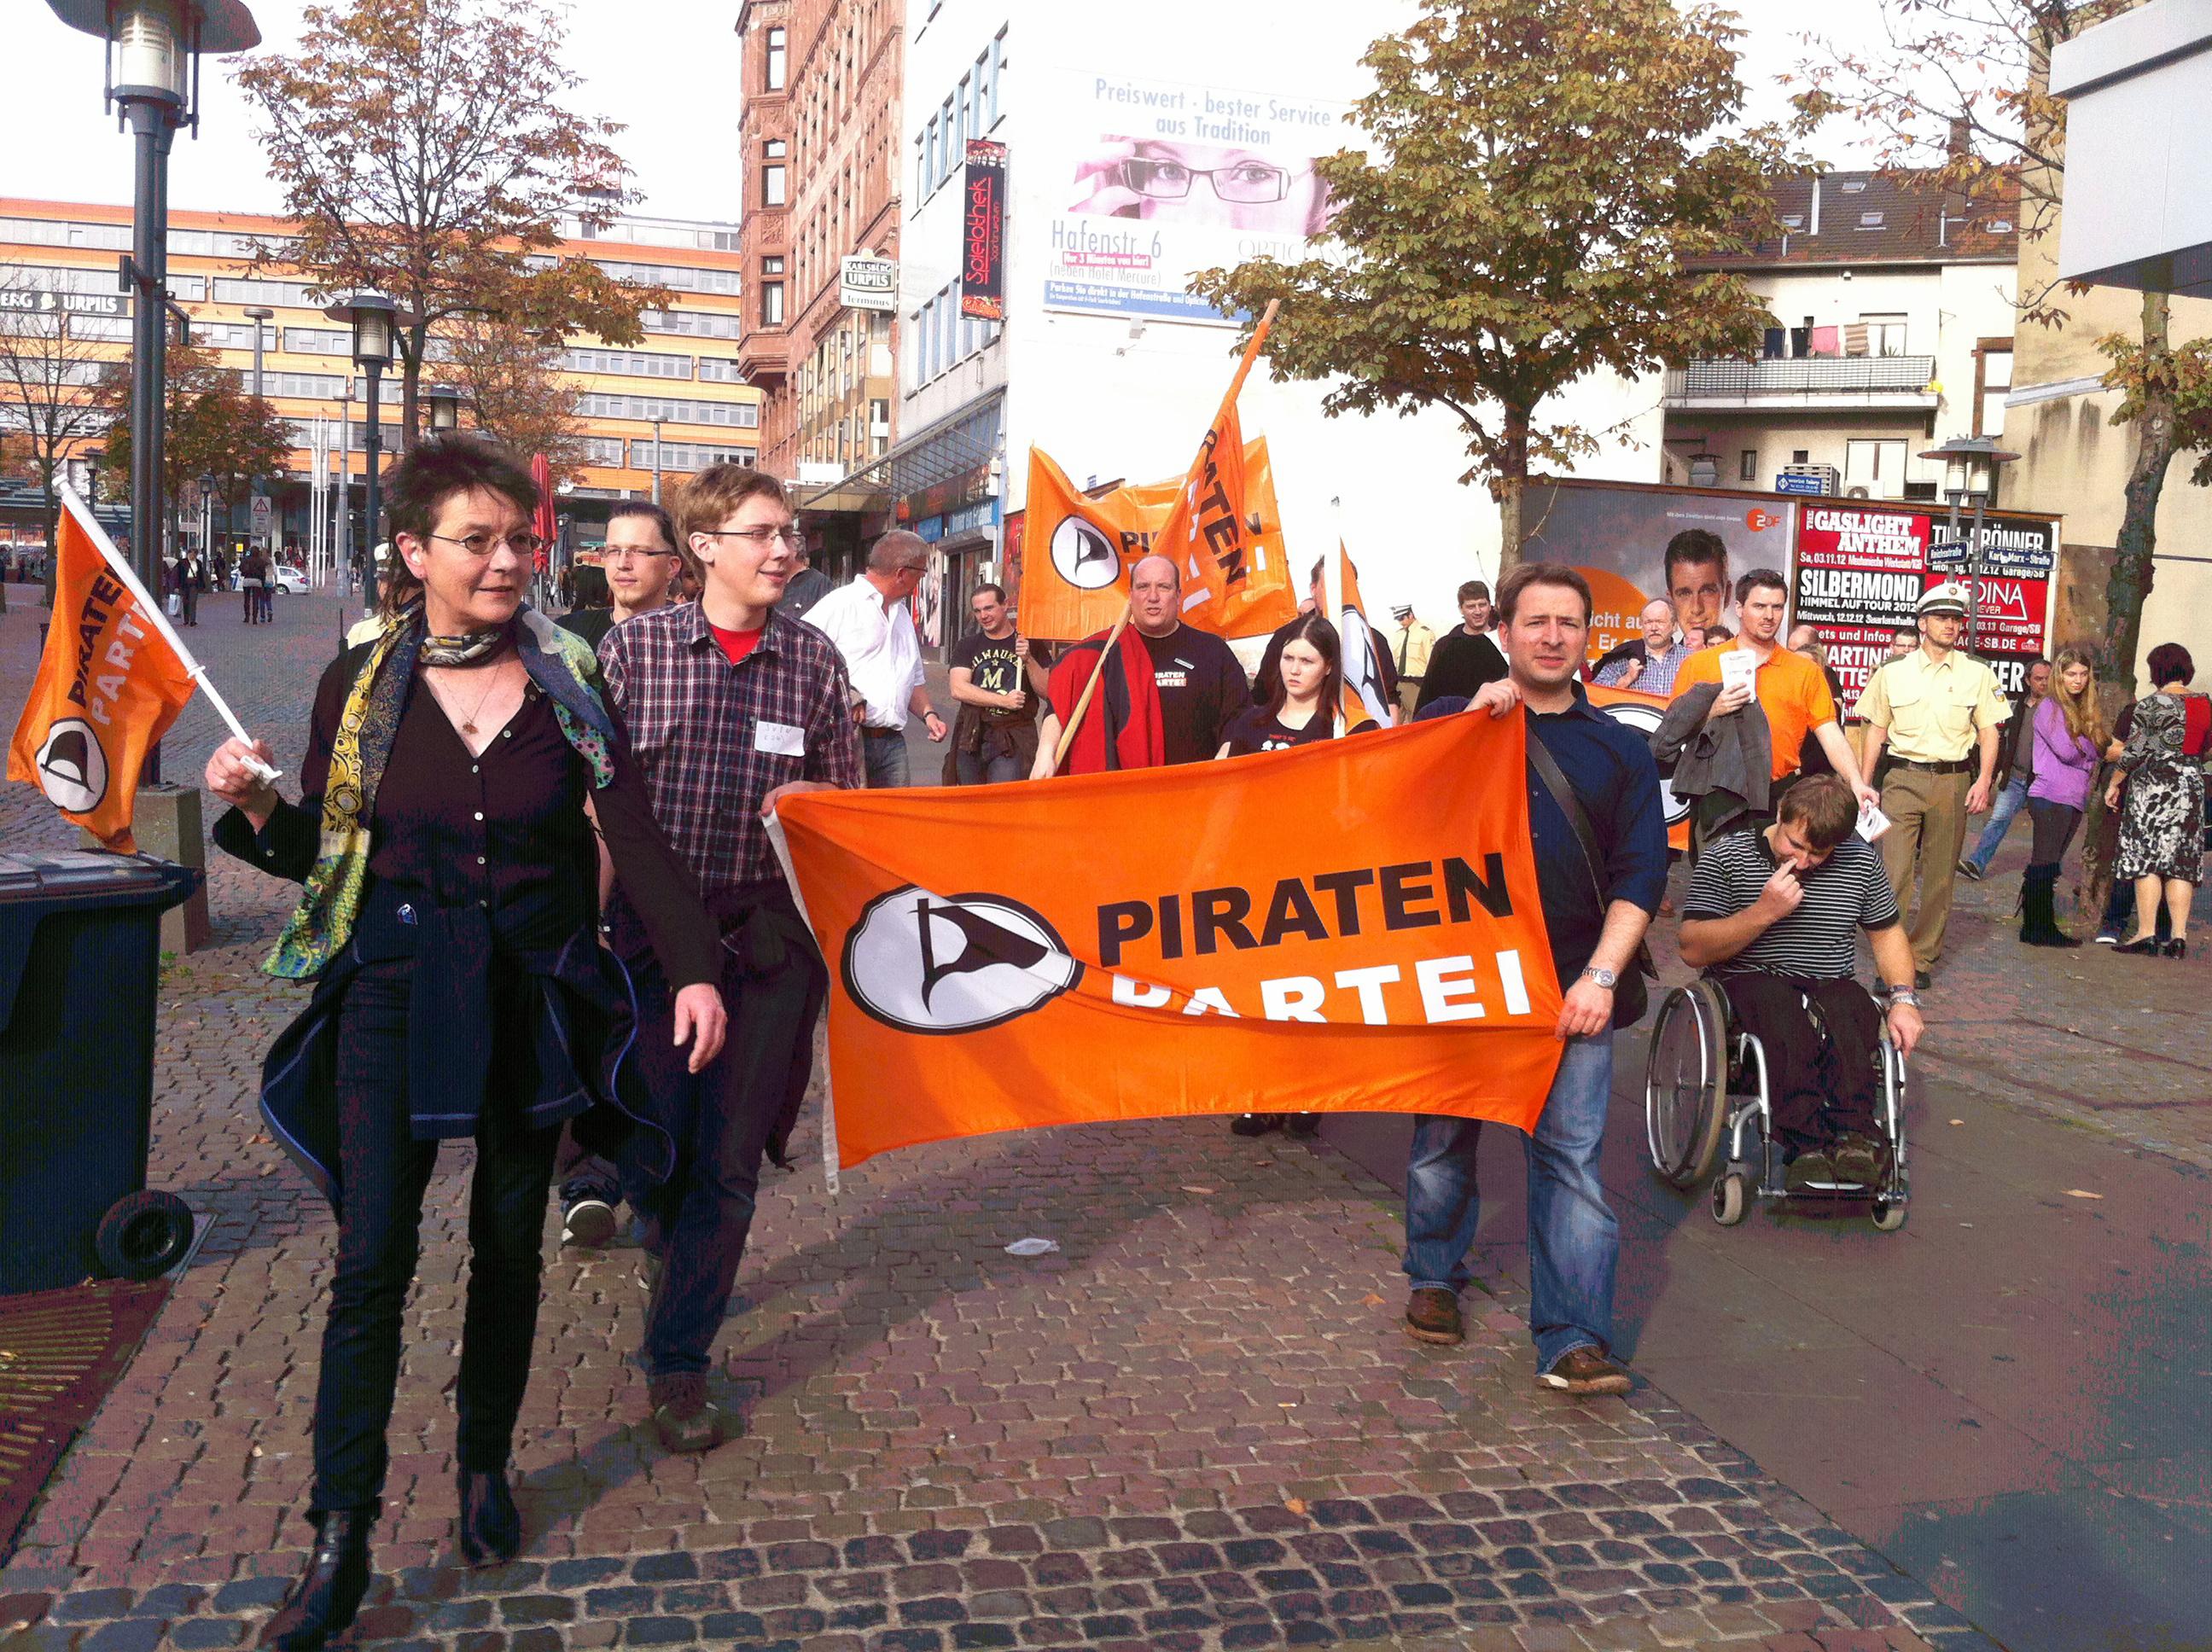 Schleswig-Holsteiner Piraten-Abgeordnete an der Spitze der INDECT-Demo in Saarbrücken am 20. Oktober 2012 mit Angelika Beer, Sven Krumbeck und Uli König